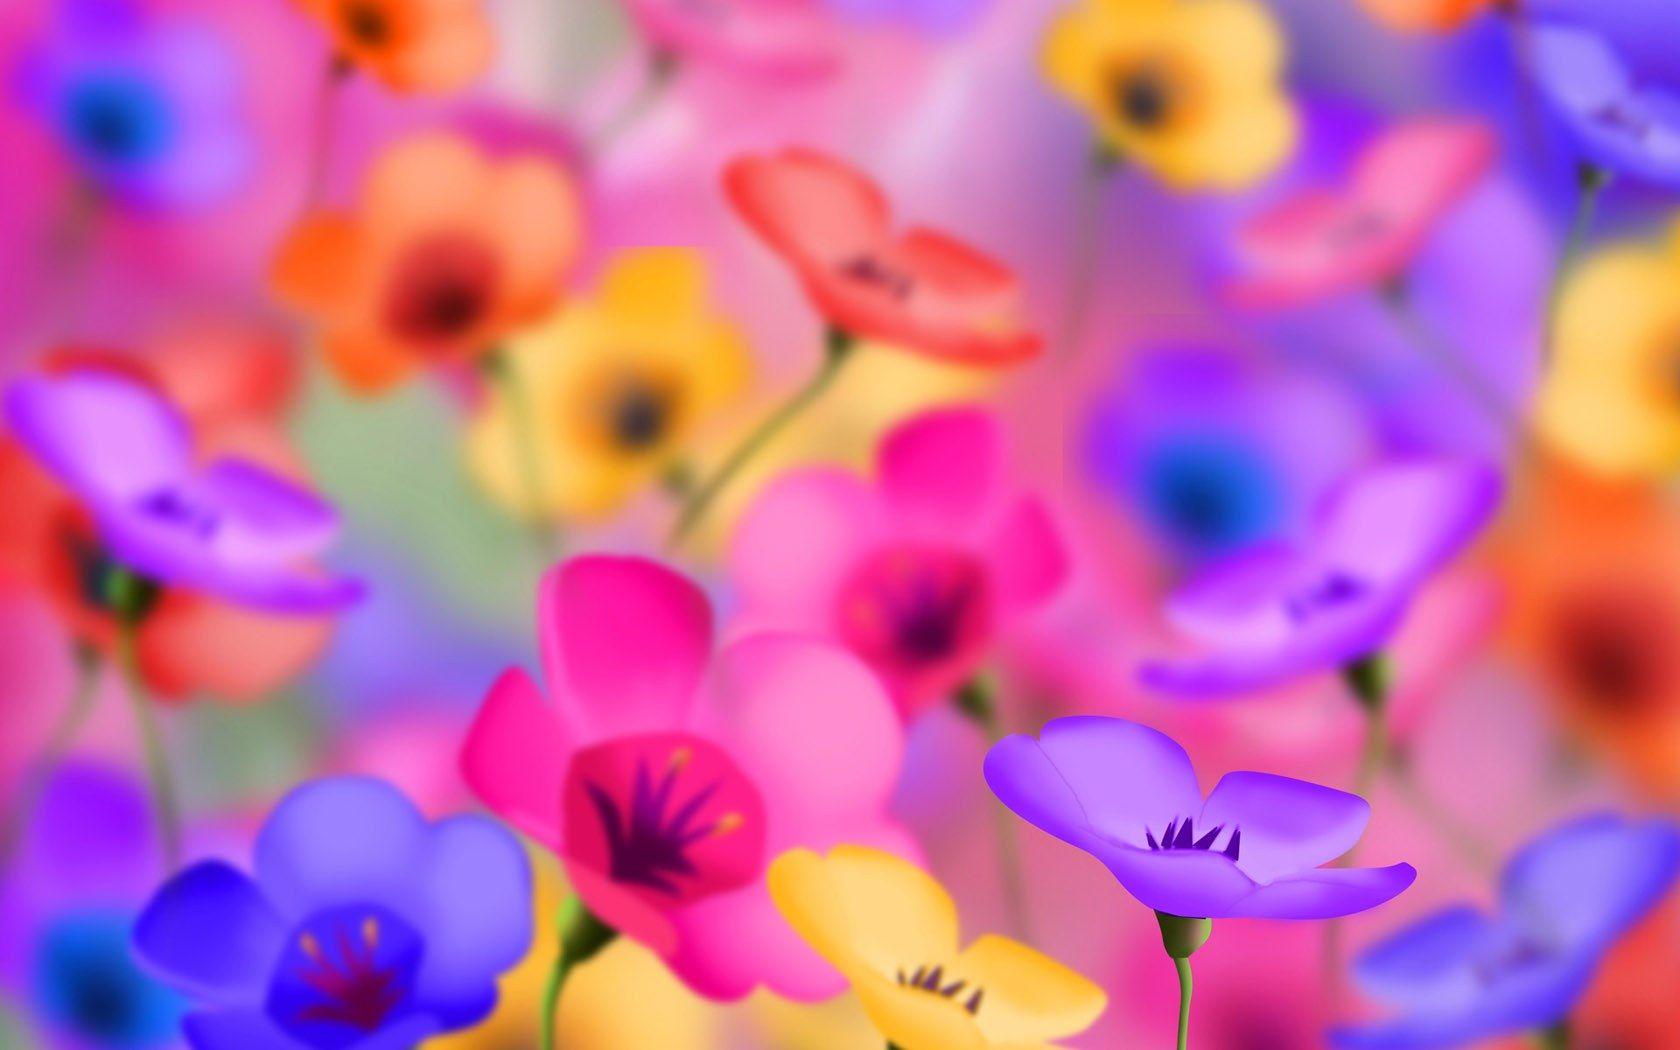 Colorful Flowers Jpg 1680 1050 Pixels Beautiful Flowers Wallpapers Colorful Flowers Flower Backgrounds